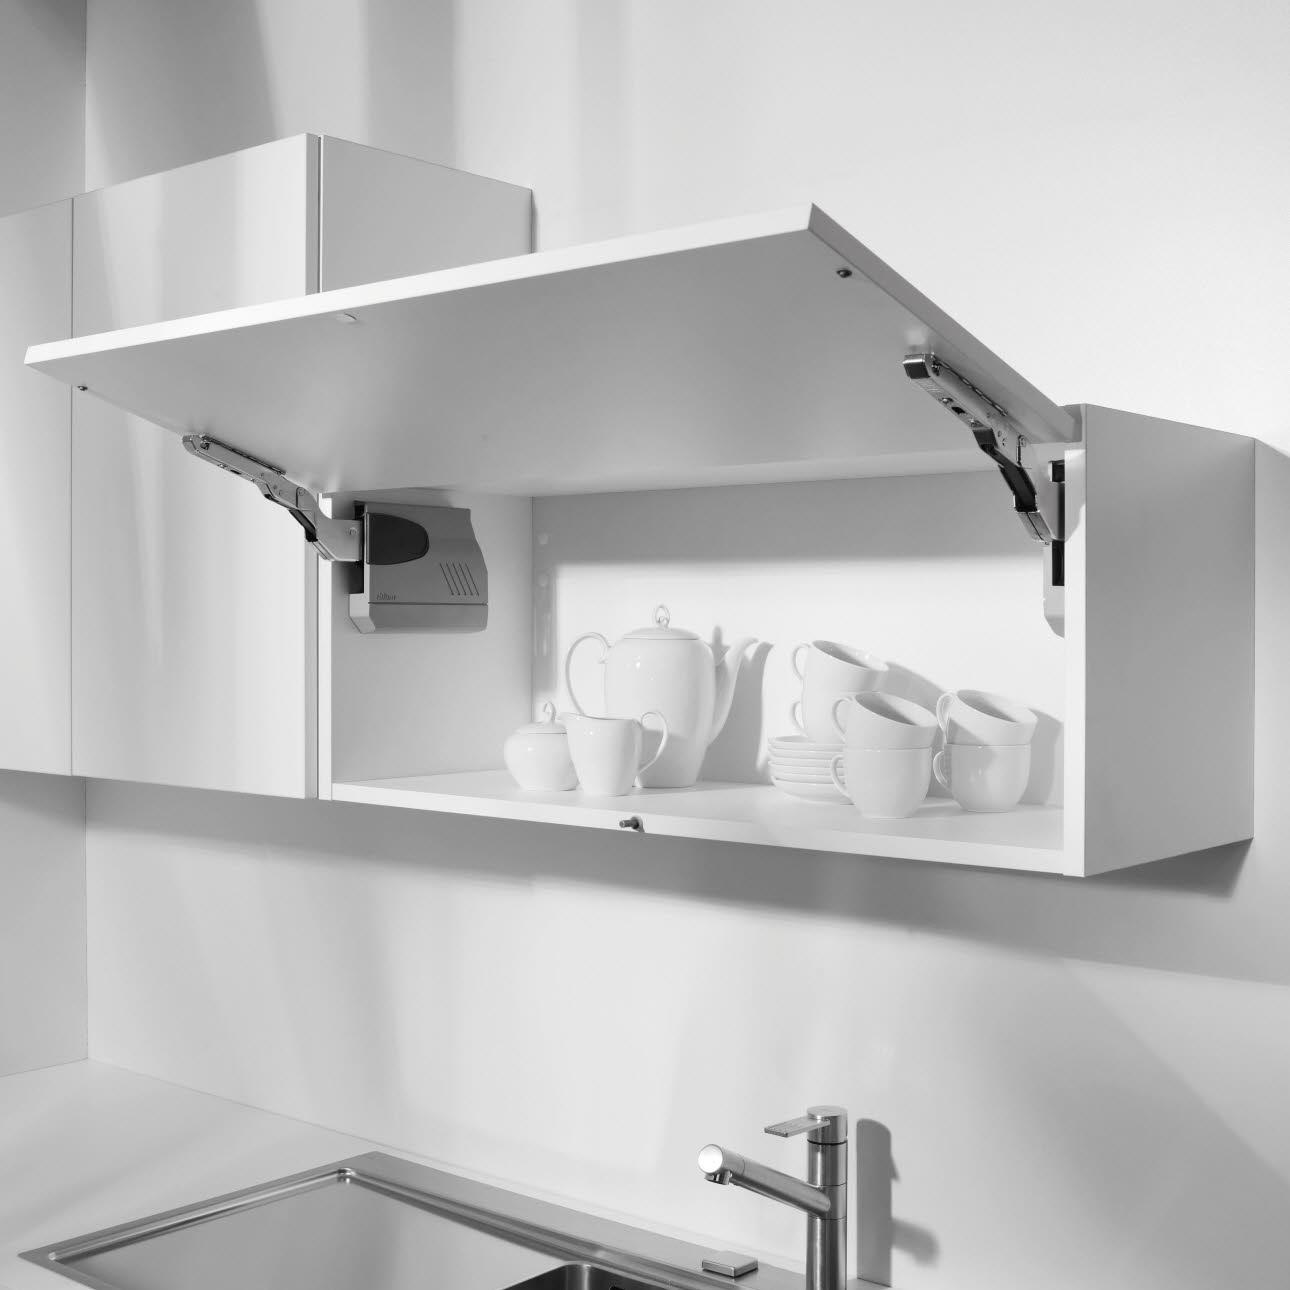 Küchenkarussell Türen Einstellen